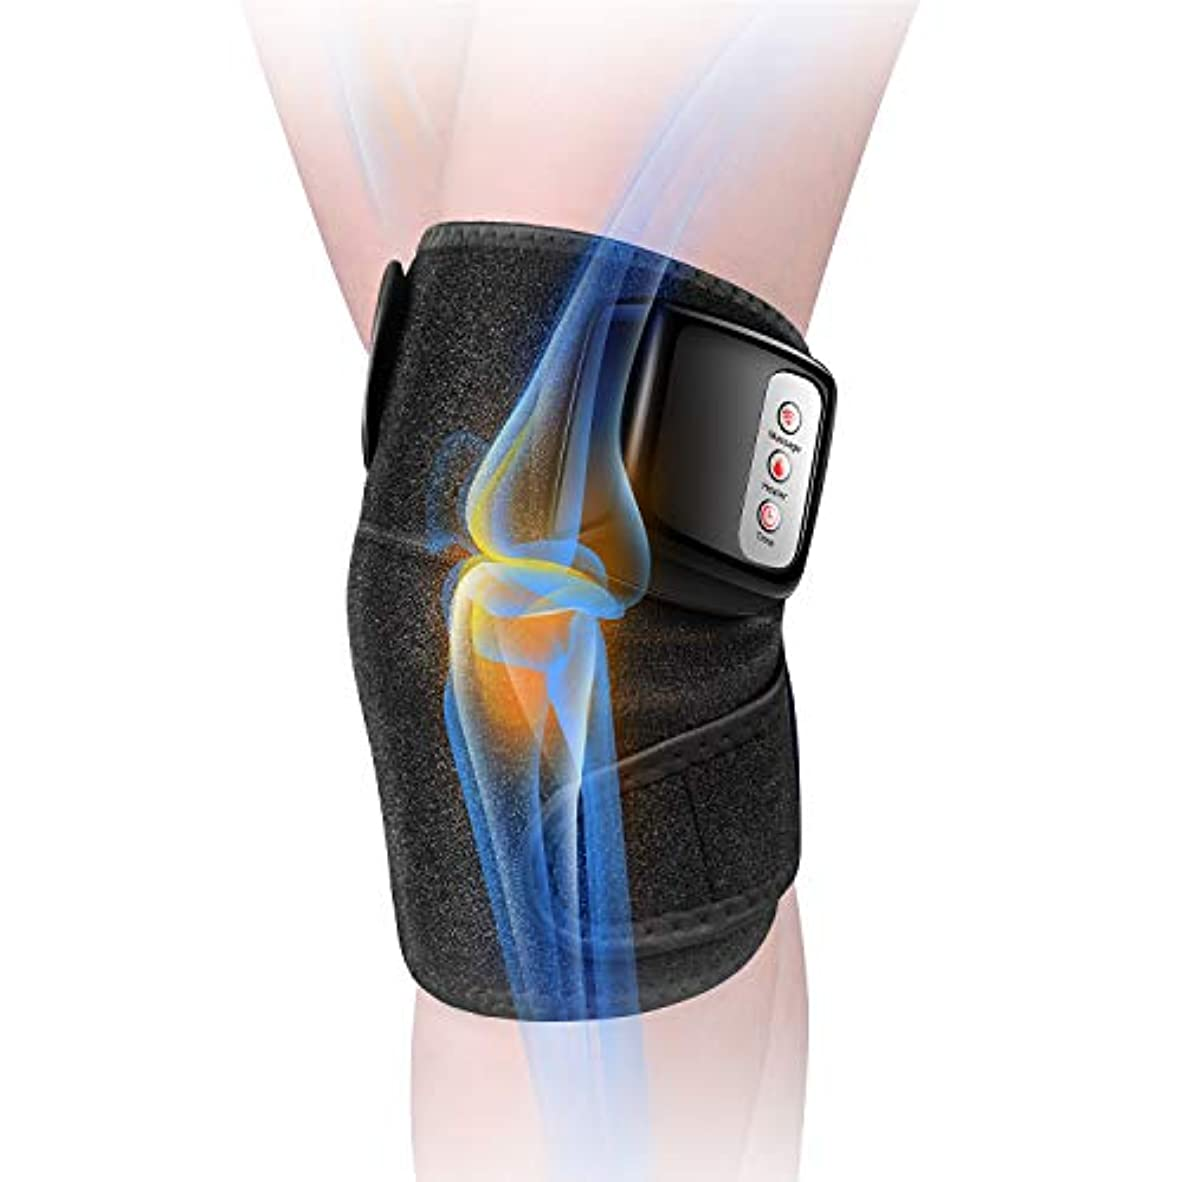 小道具小切手混沌膝マッサージャー 関節マッサージャー マッサージ器 フットマッサージャー 振動 赤外線療法 温熱療法 膝サポーター ストレス解消 肩 太もも/腕対応